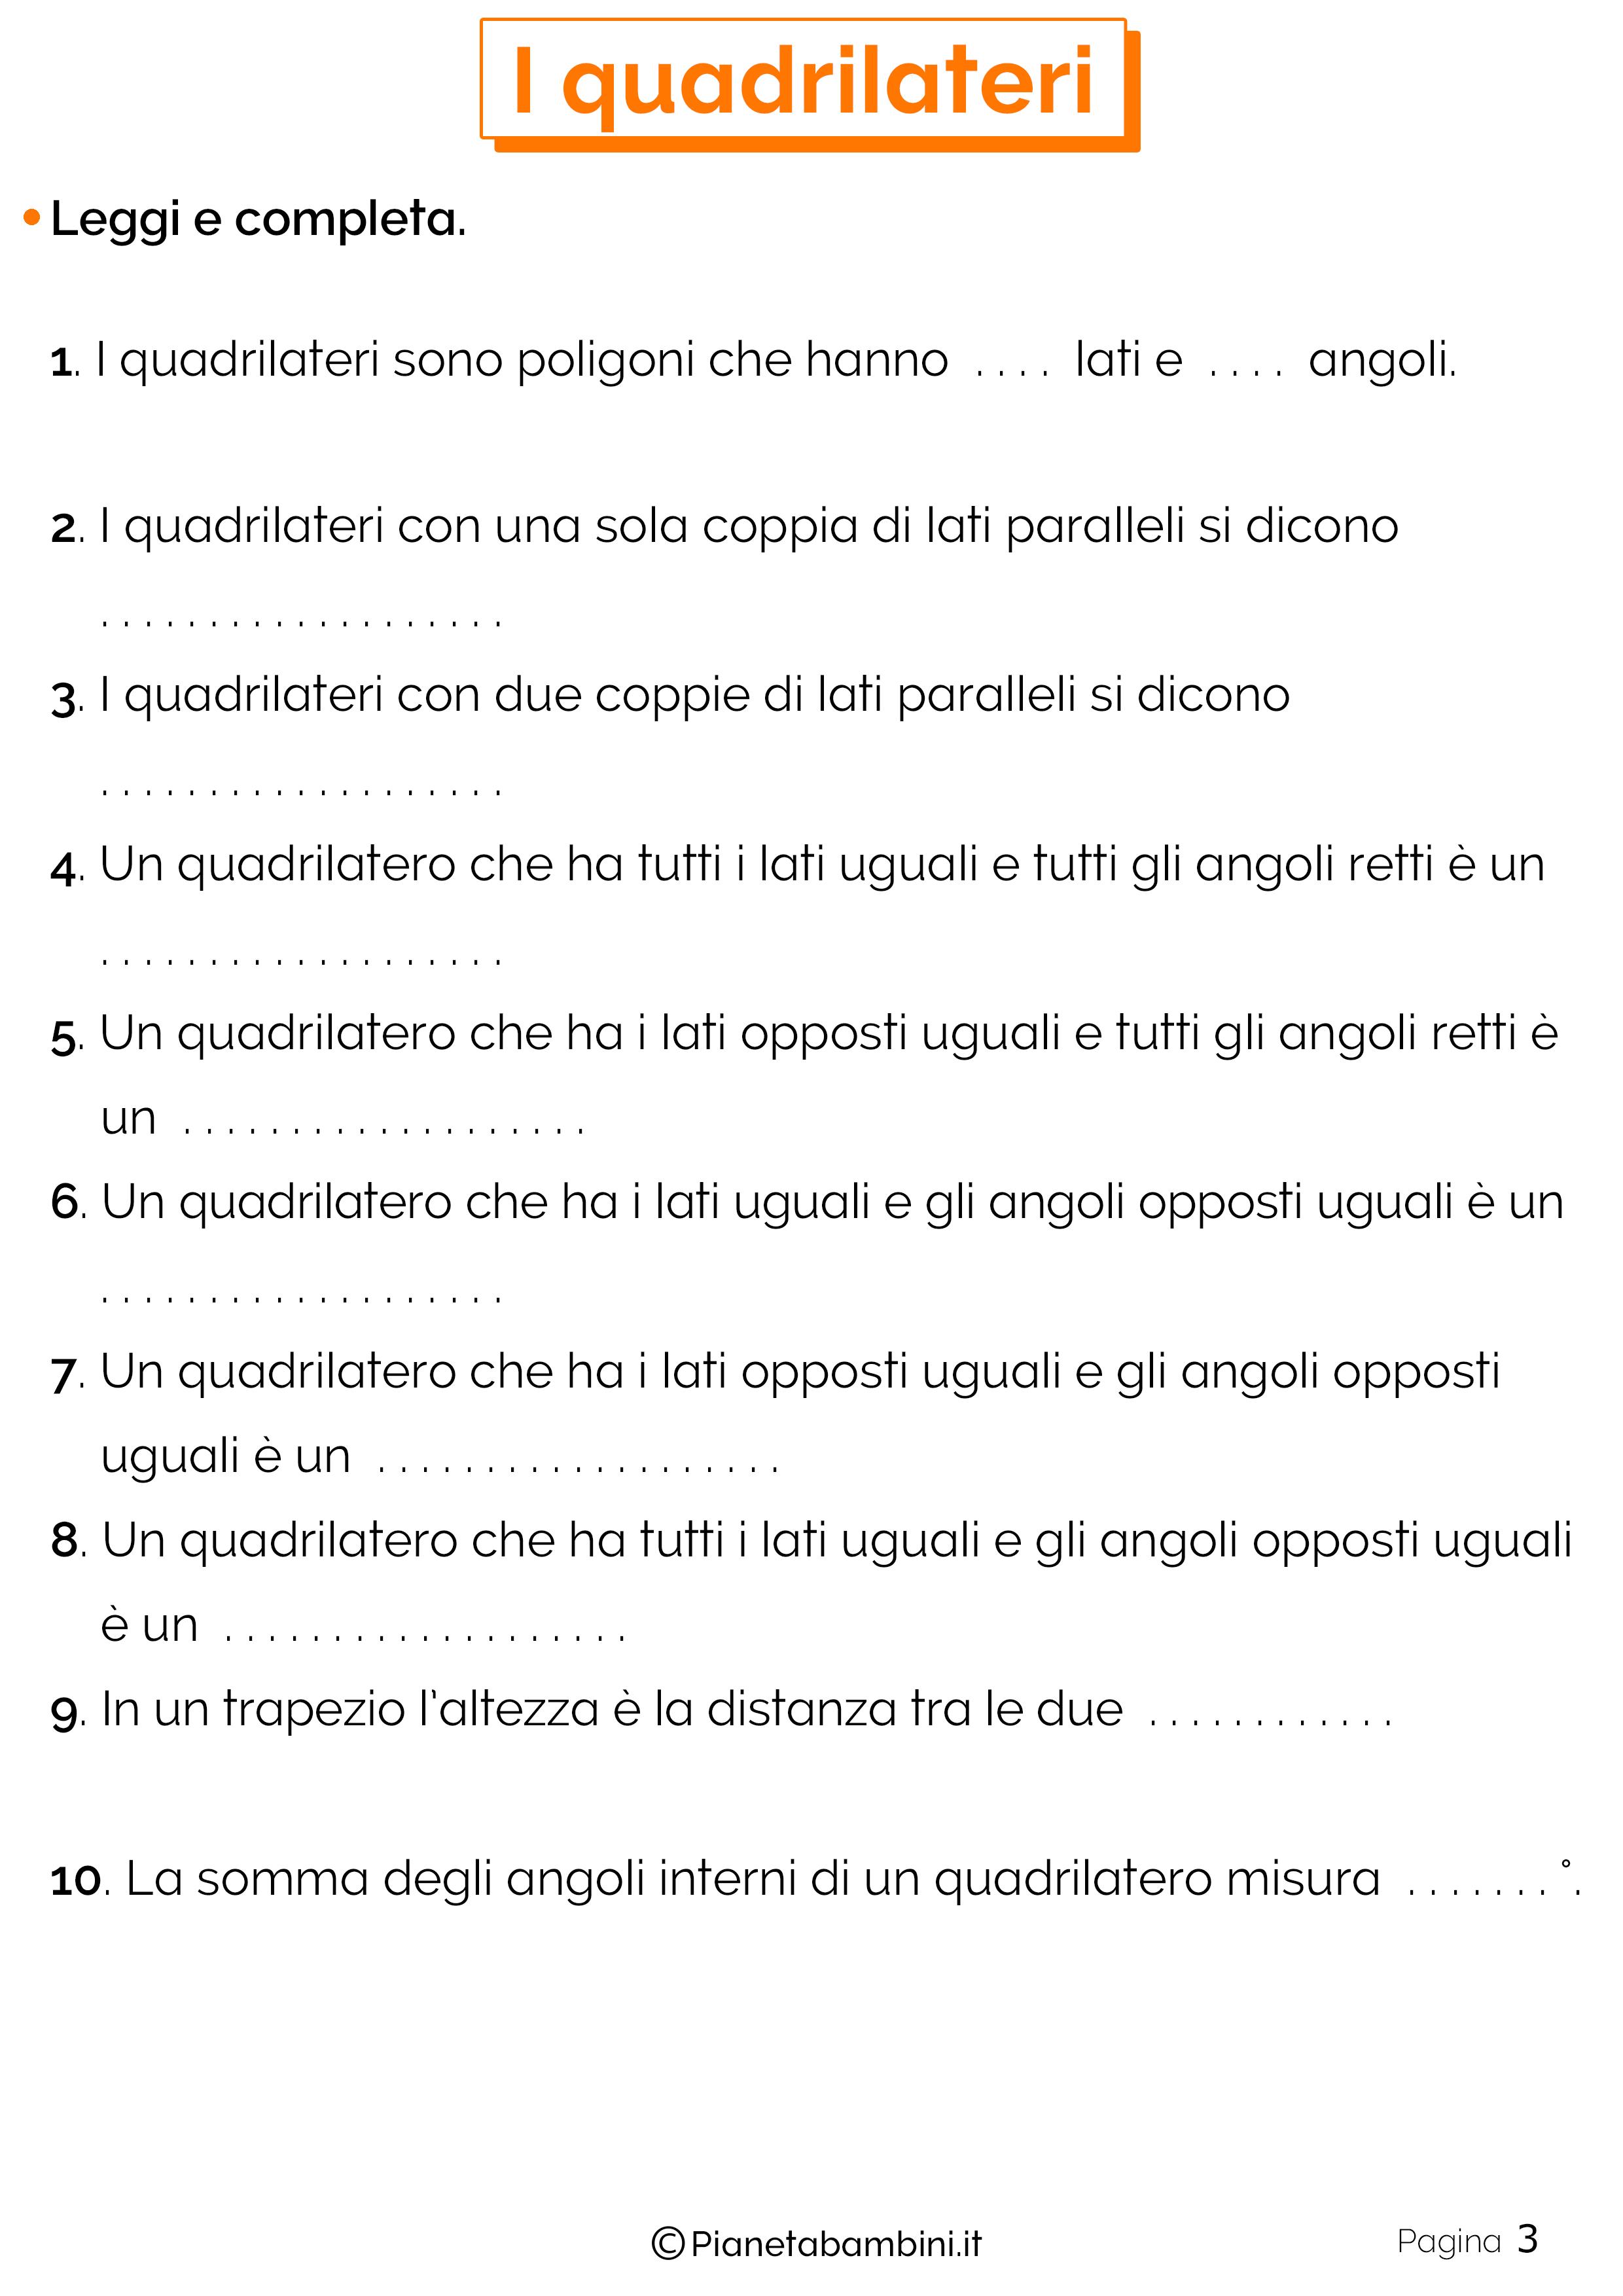 Schede didattiche sui quadrilateri 3